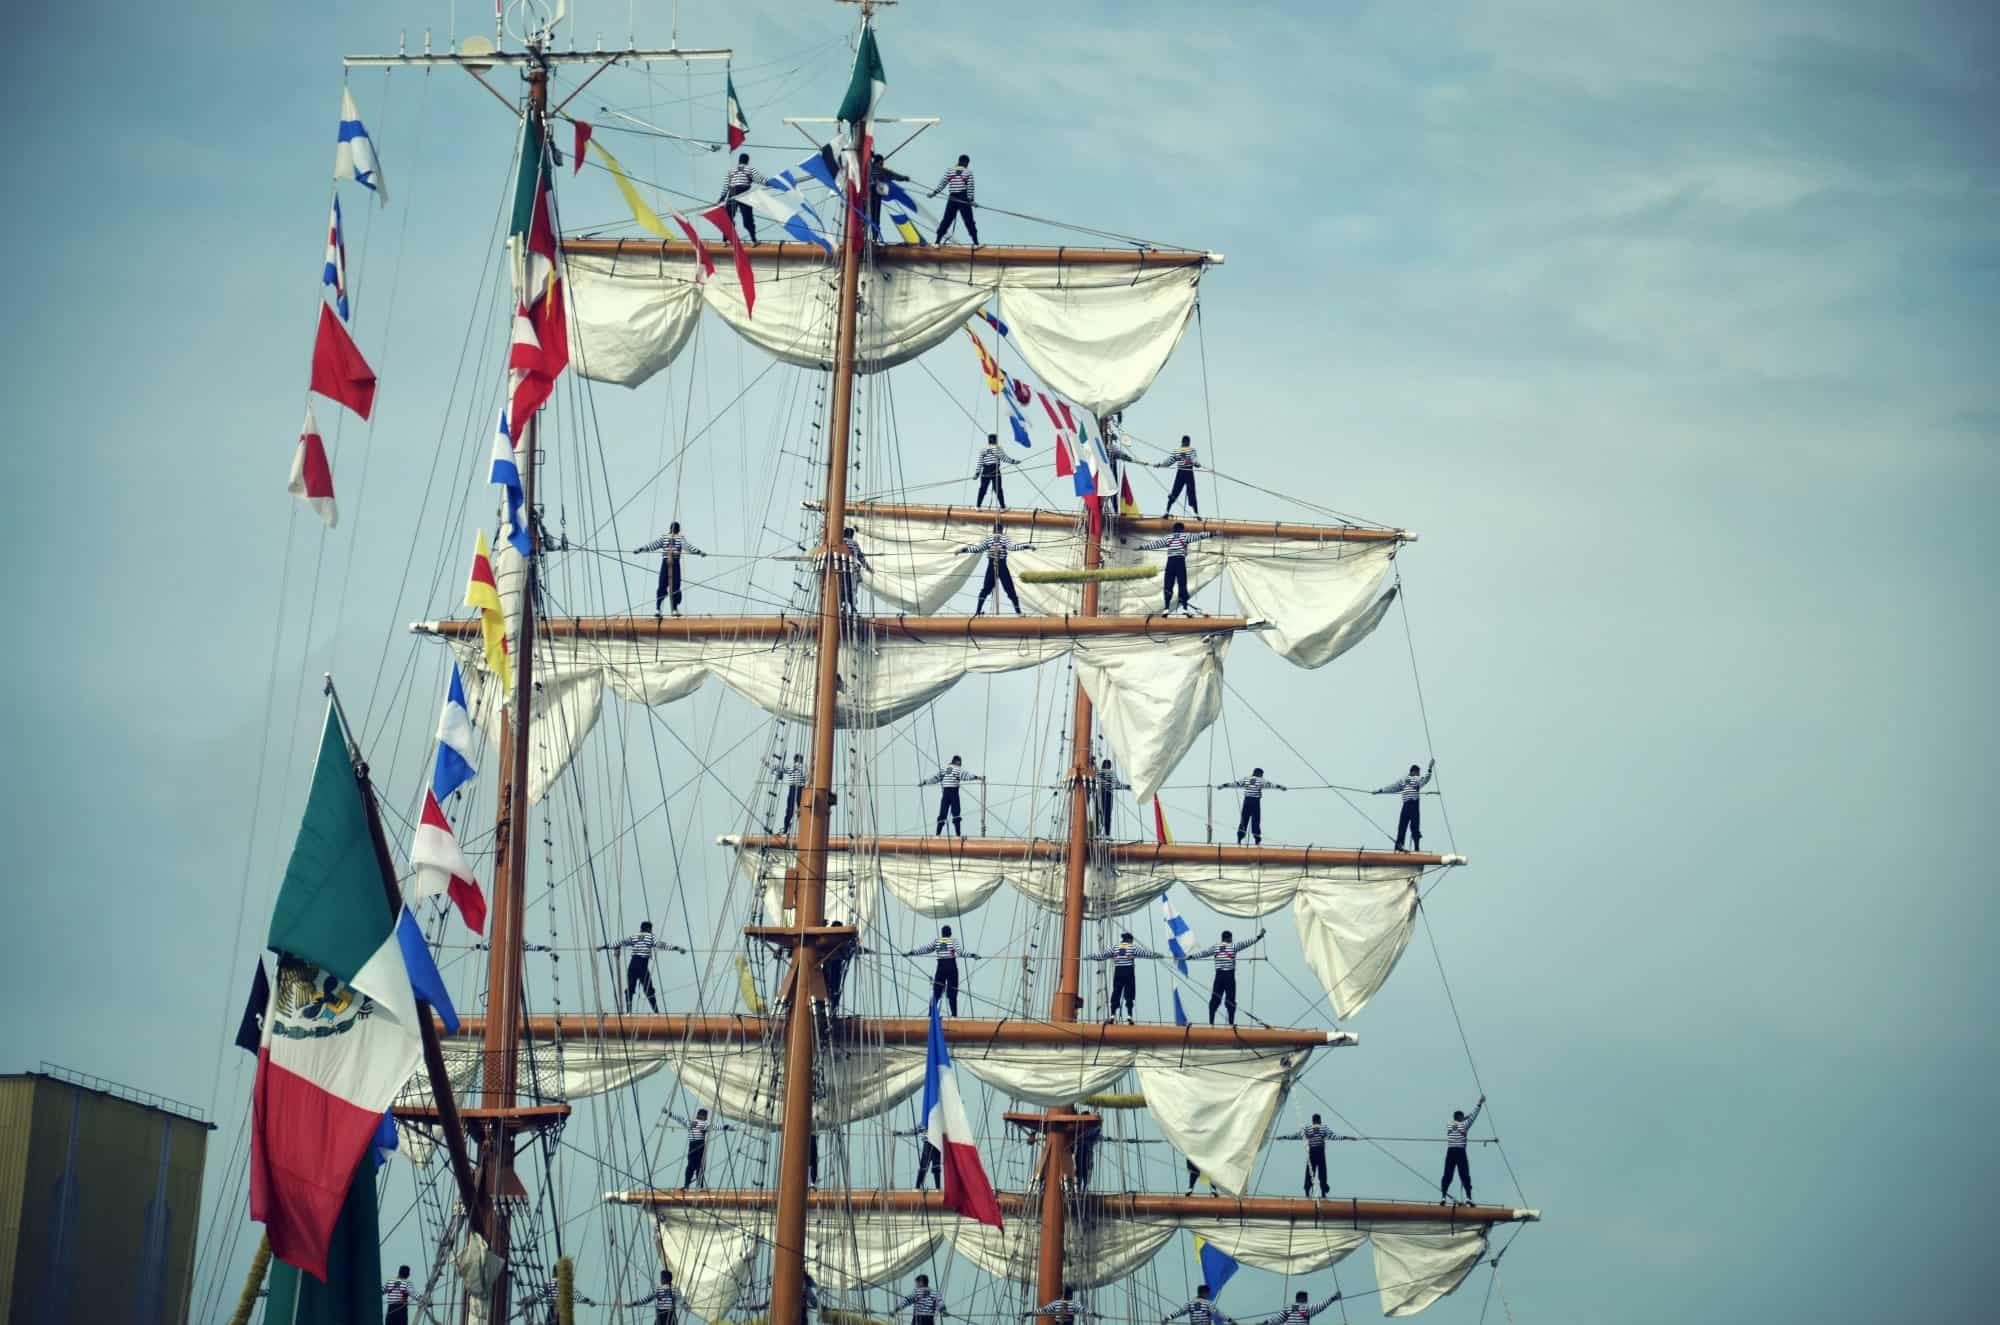 ! COMPLET ! Parade des grands voiliers au Manoir de Villers ! COMPLET !